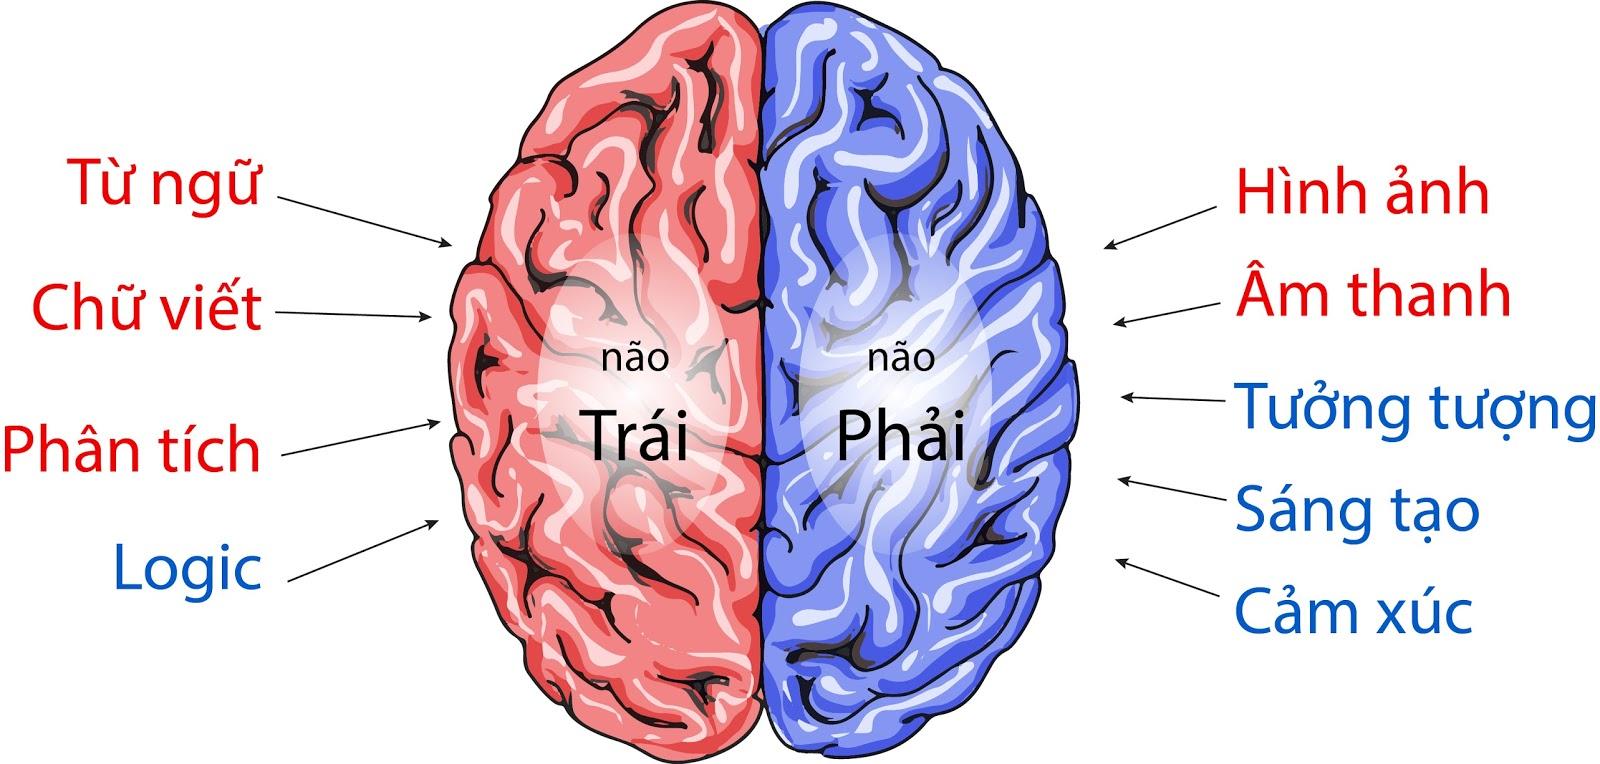 Kết quả hình ảnh cho hai bán cầu não